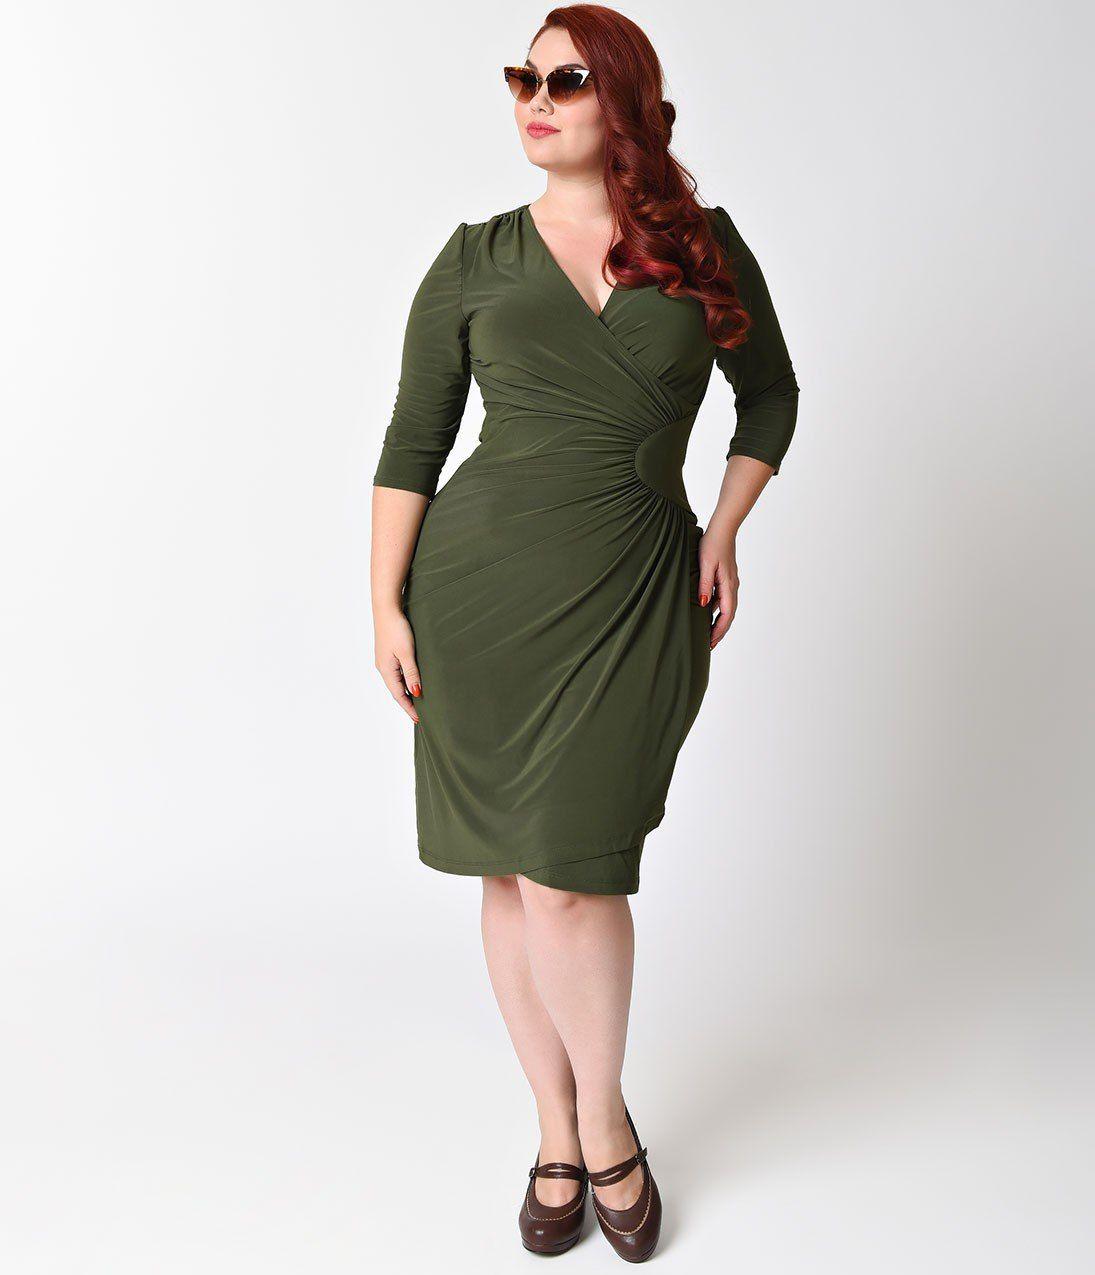 525f8df34d modelos para hacer vestidos para gorditas